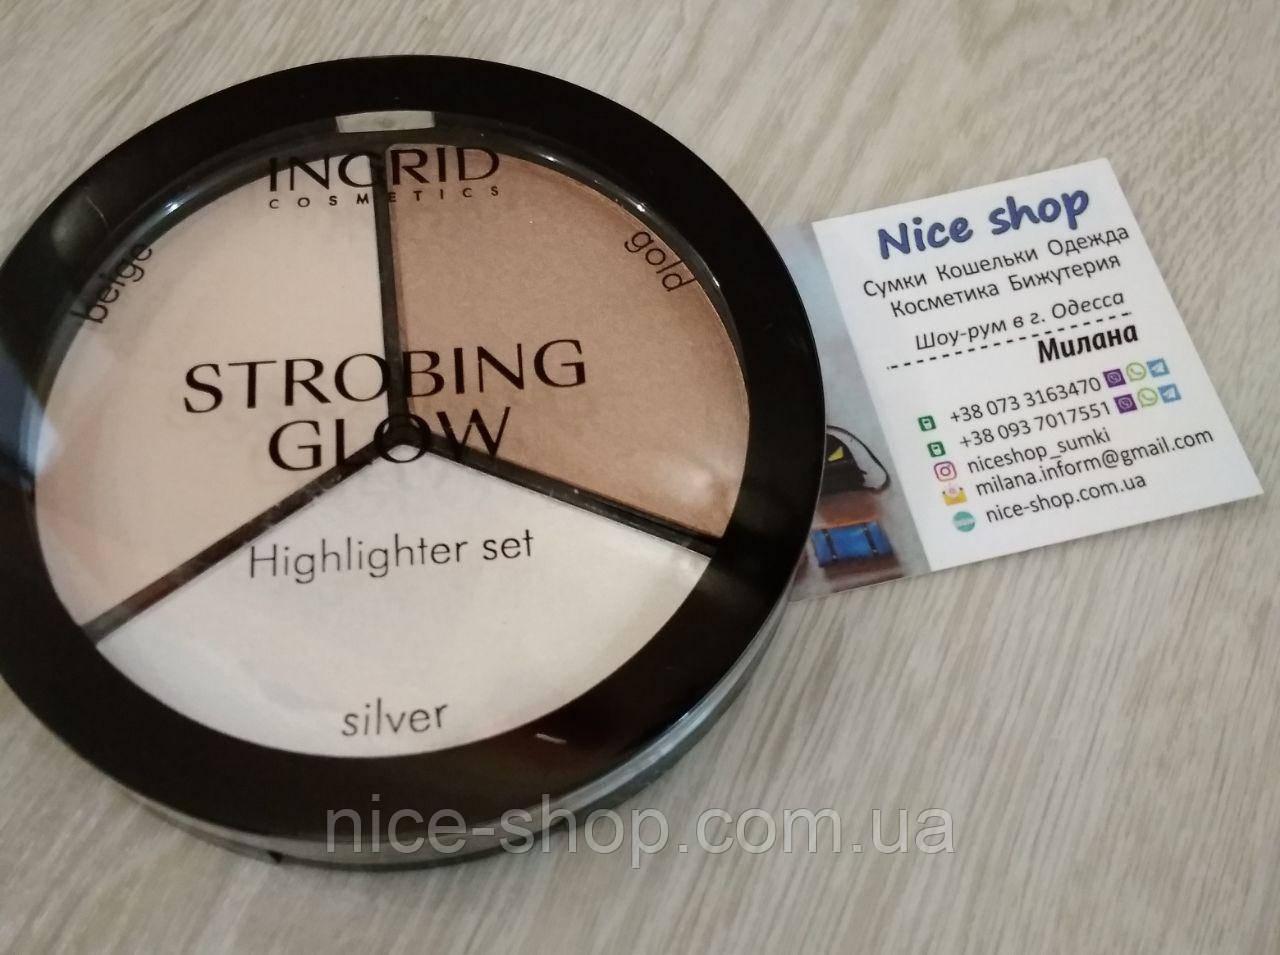 Палитра хайлайтеров для стробинга Ingrid Cosmetics Strobing Glow Highlighter Set